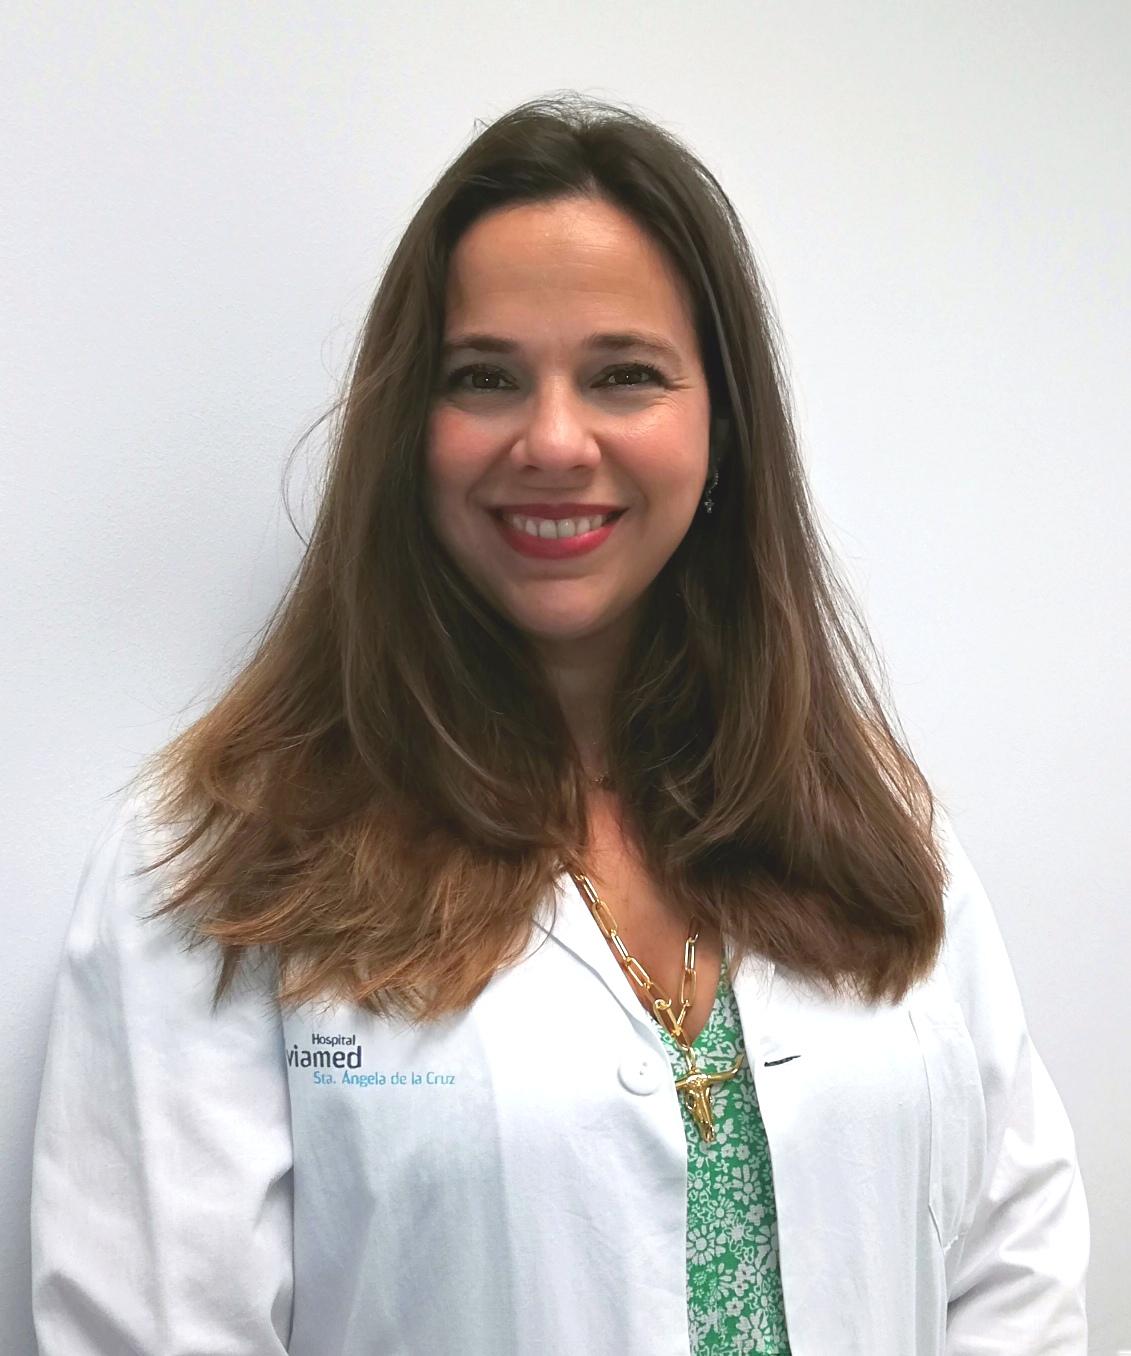 Laura Domínguez Albandea